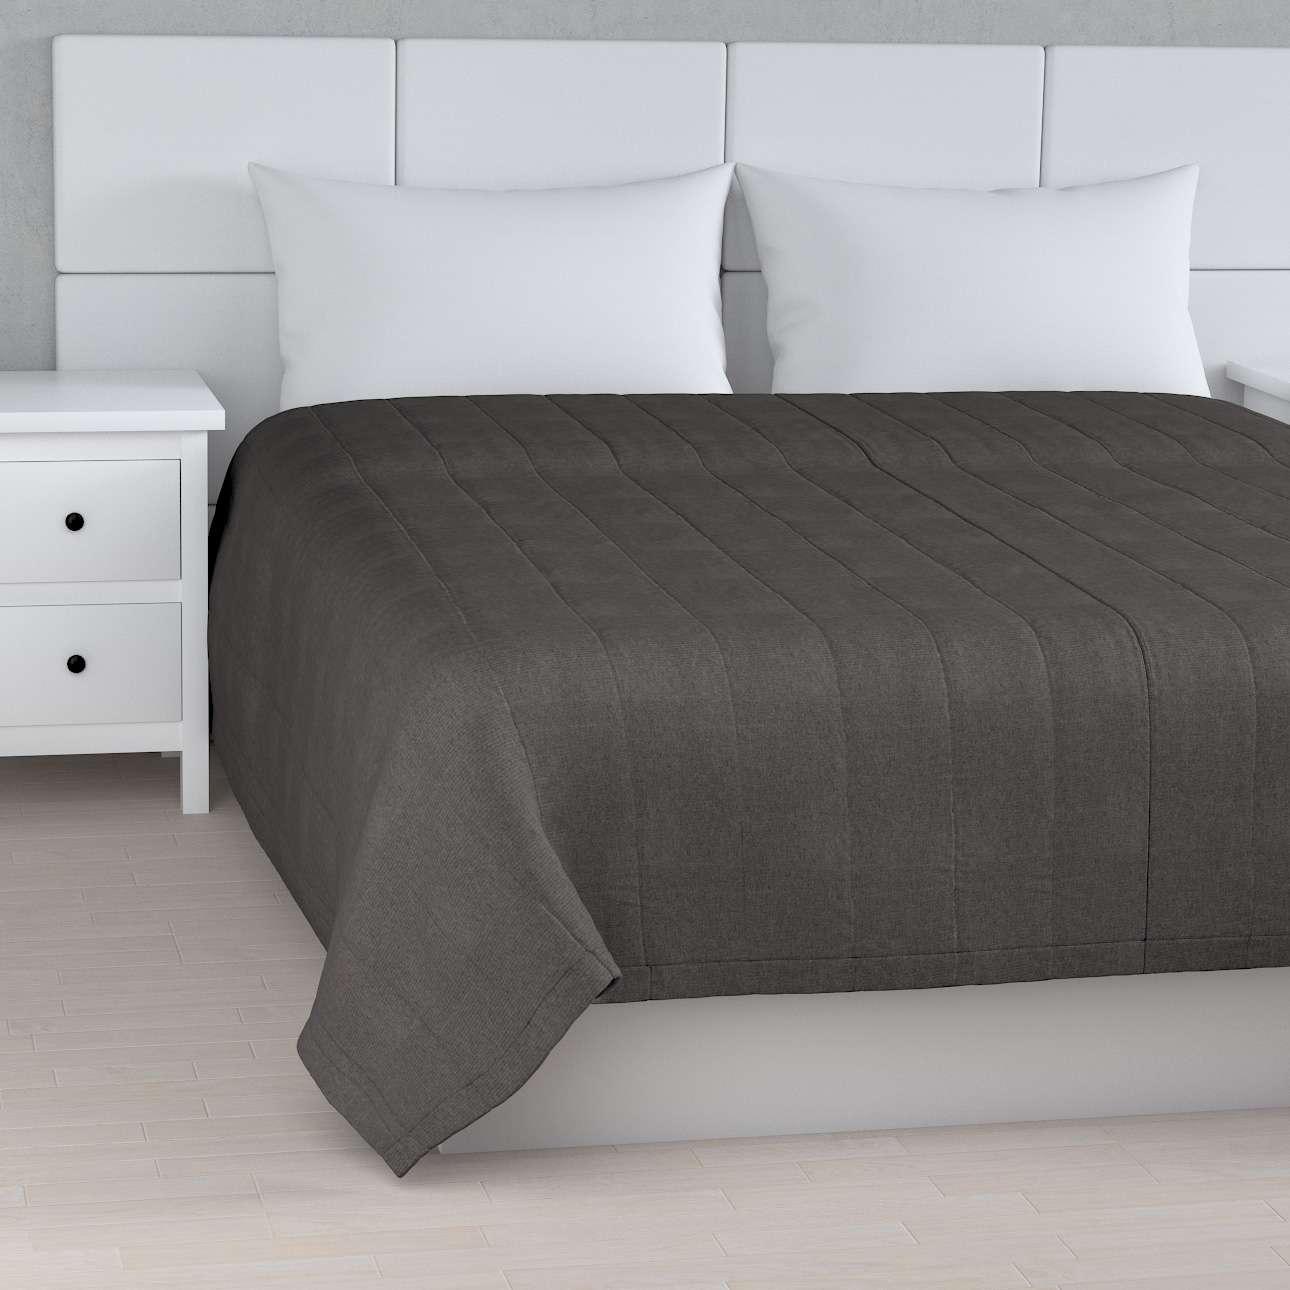 Prehoz na posteľ jednoduchý V kolekcii Etna, tkanina: 705-35